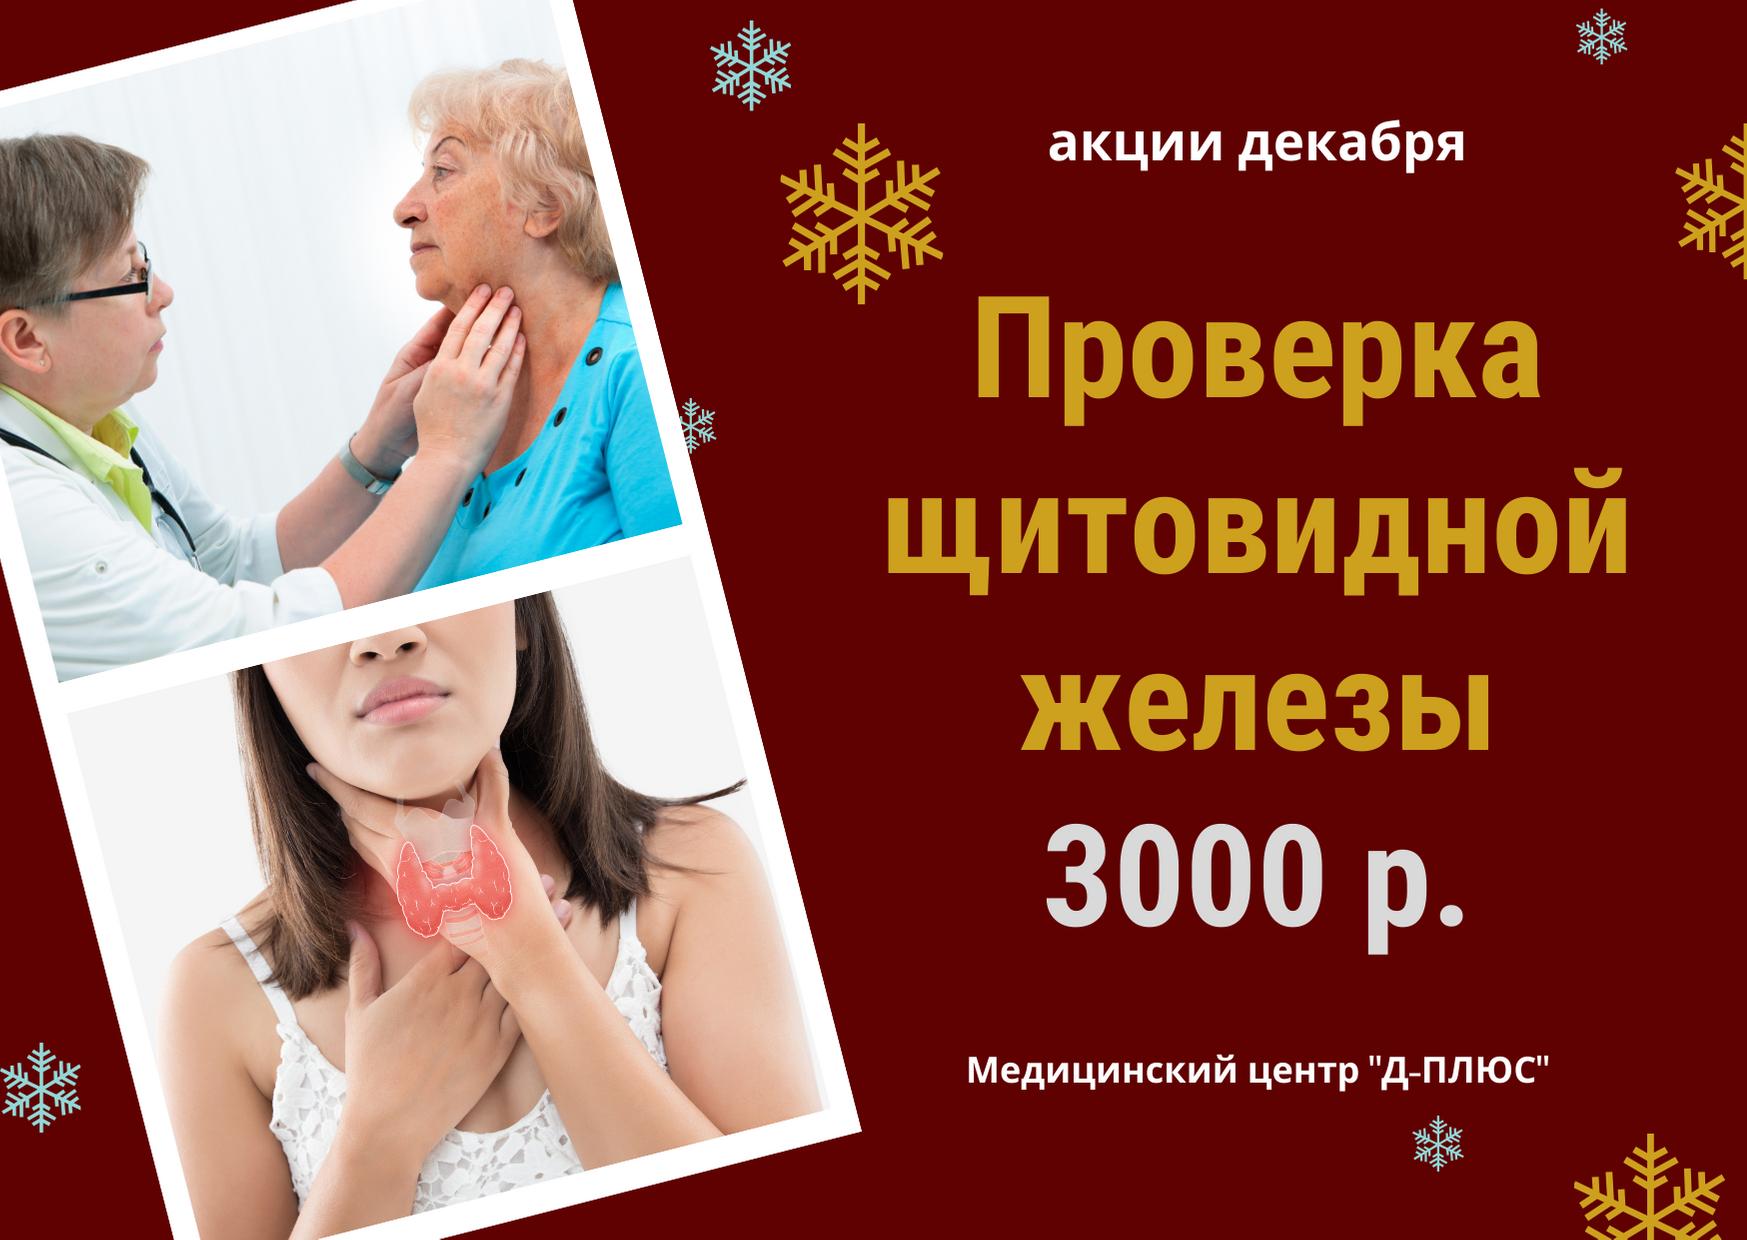 Проверка щитовидной железы — 3000 р.